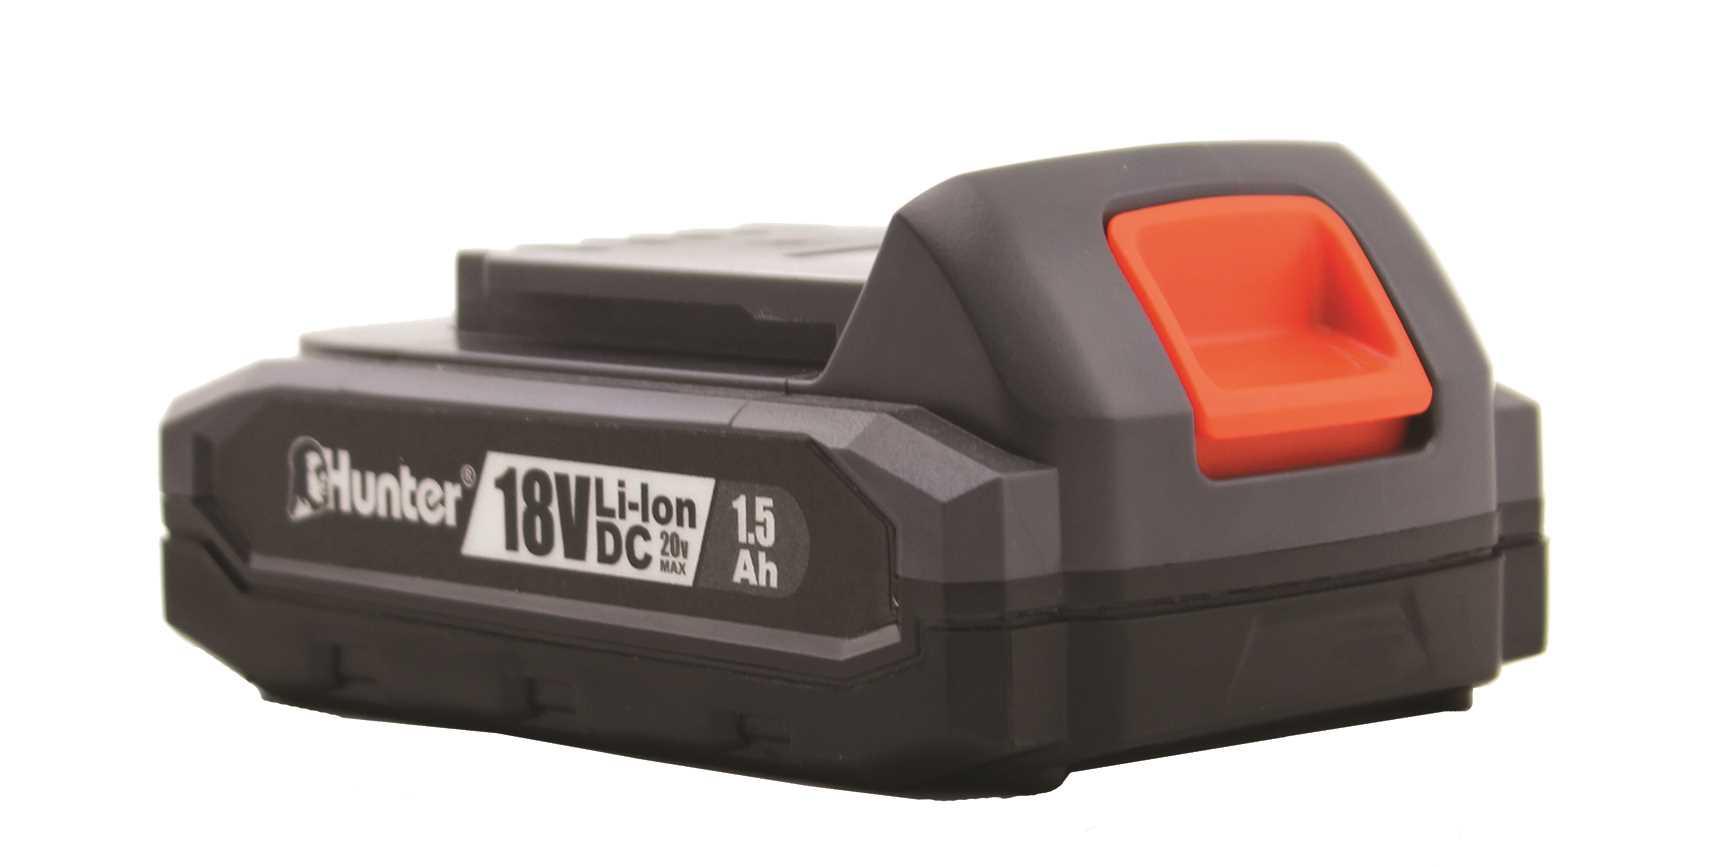 מברגה רוטטת קודחת ליתיום 1.5Ah 18V עם סוללה אחת 100311-007 Hunter האנטר - תמונה 3